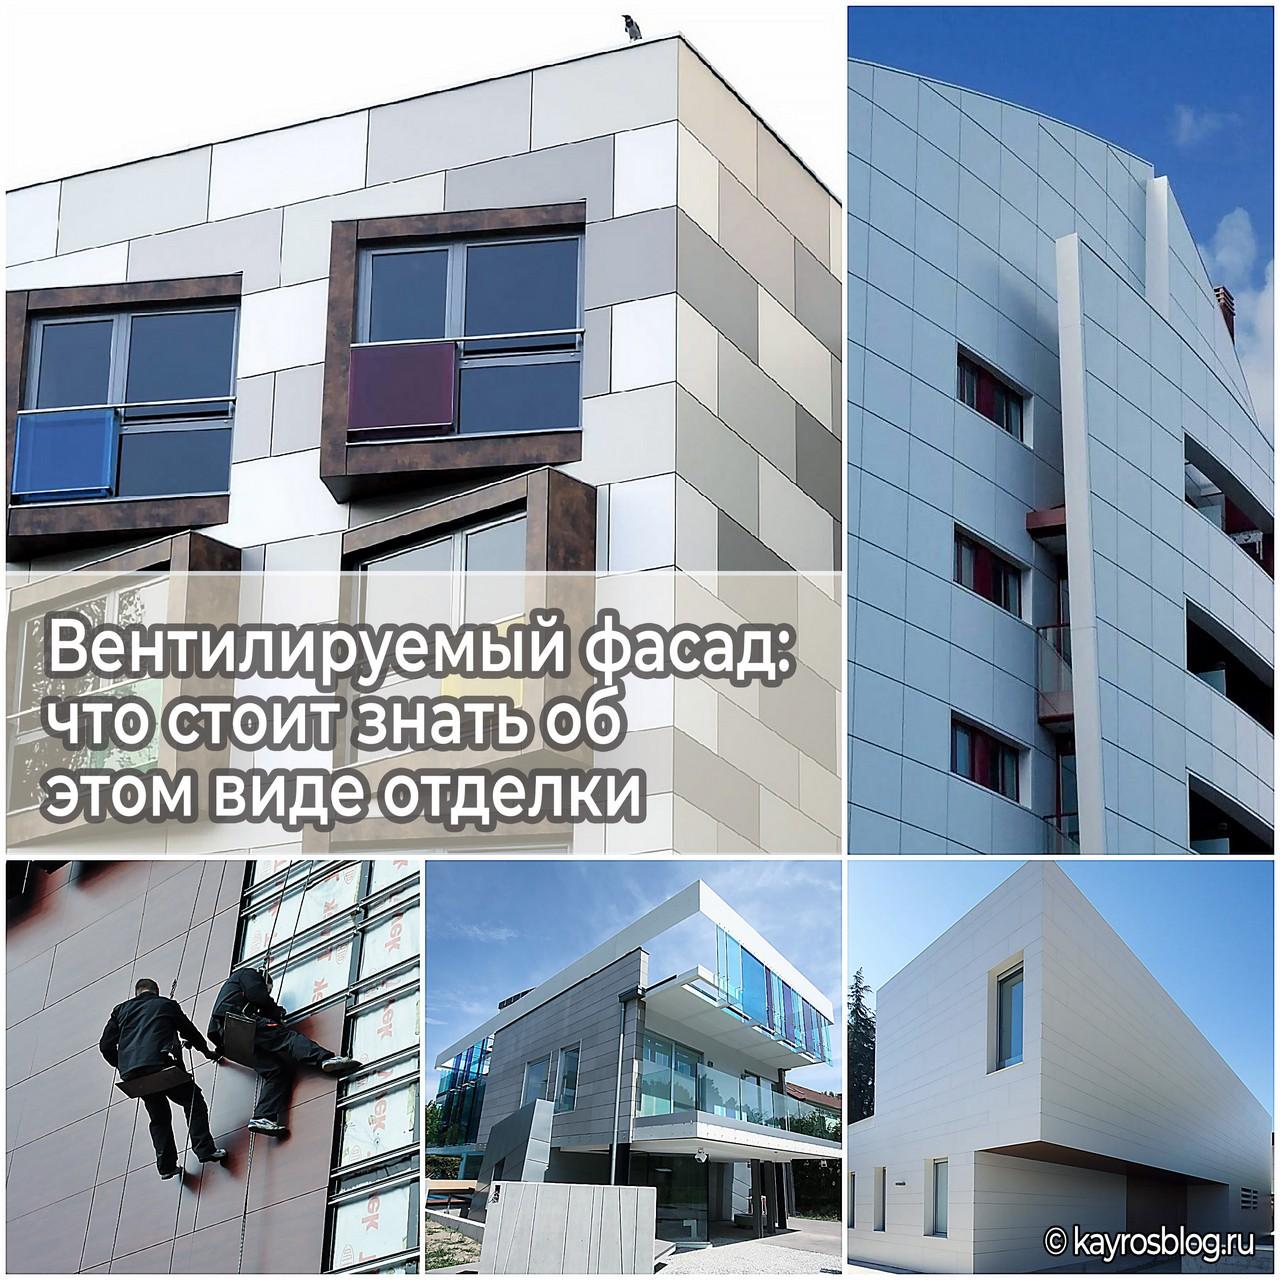 Вентилируемый фасад: что стоит знать об этом виде отделки